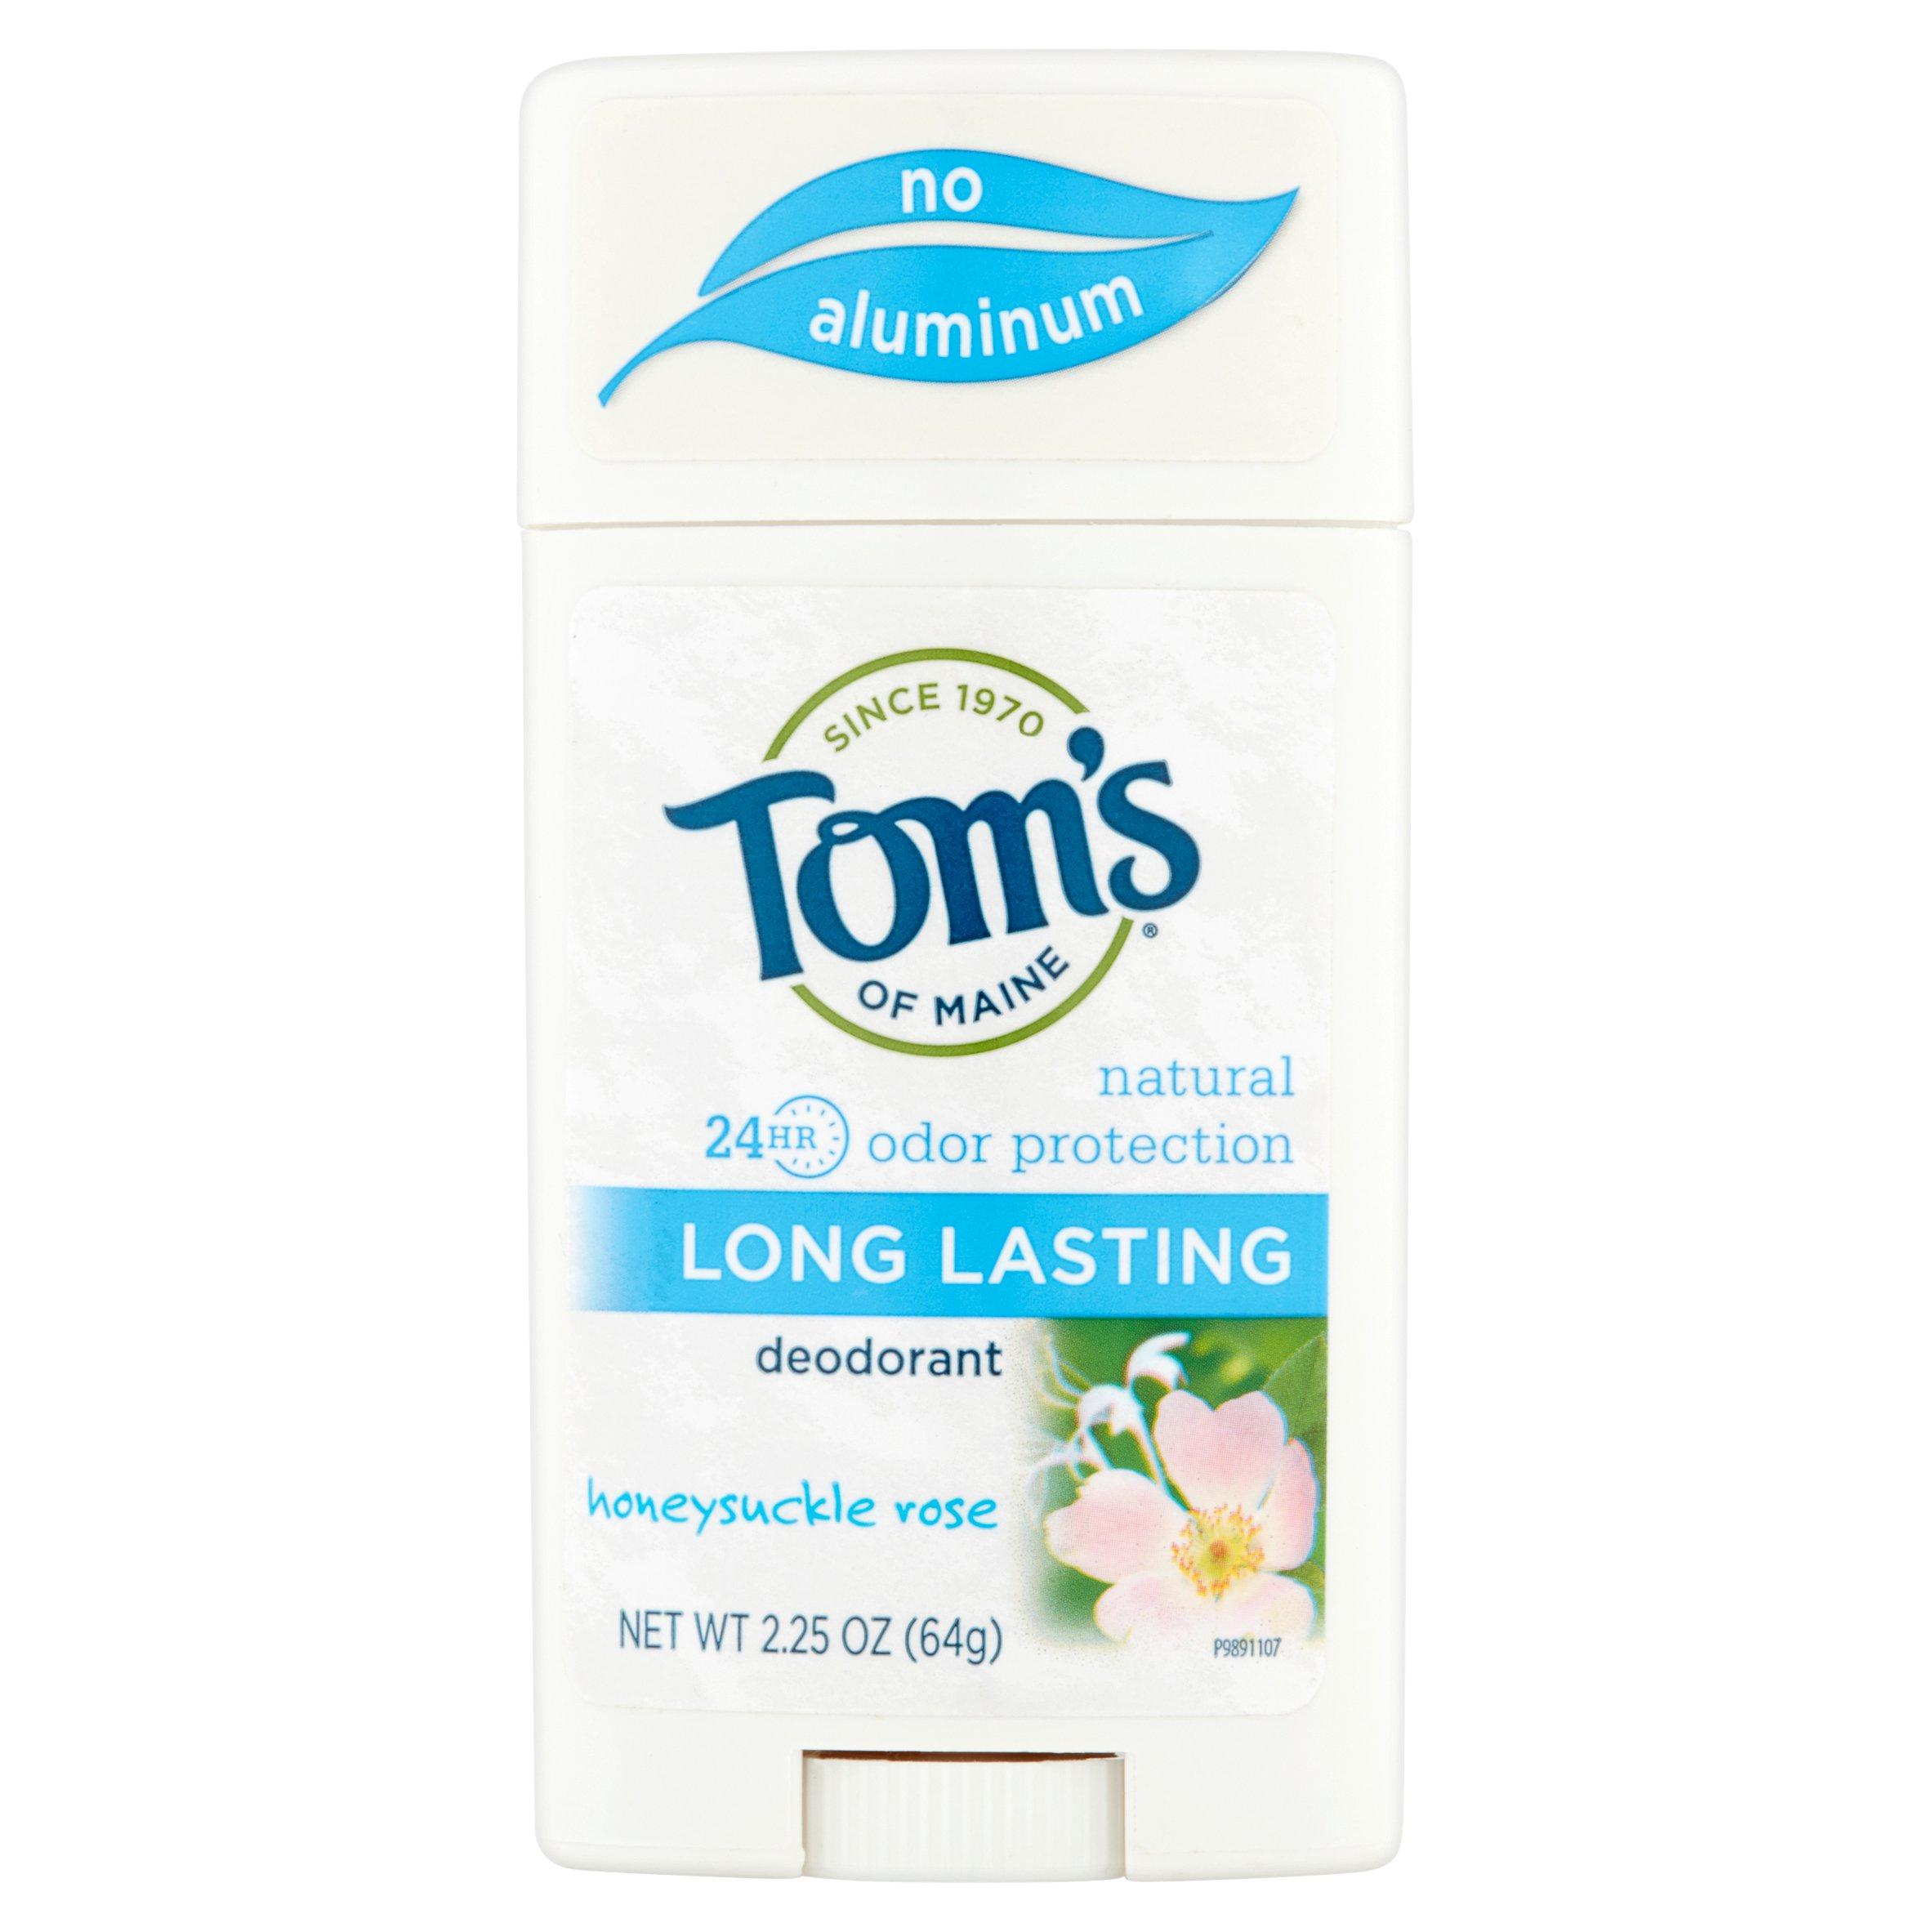 Tom's of Maine Honeysuckle Rose Deodorant, 2.25 oz